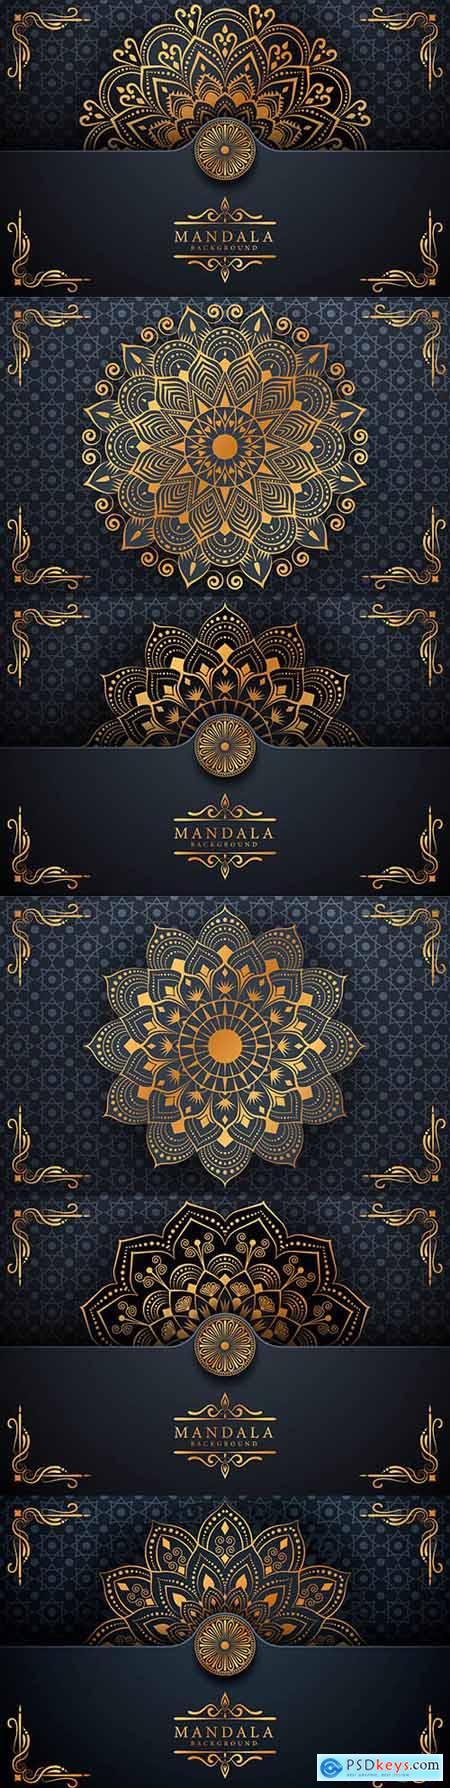 Mandala creative luxury arabesky design background 2